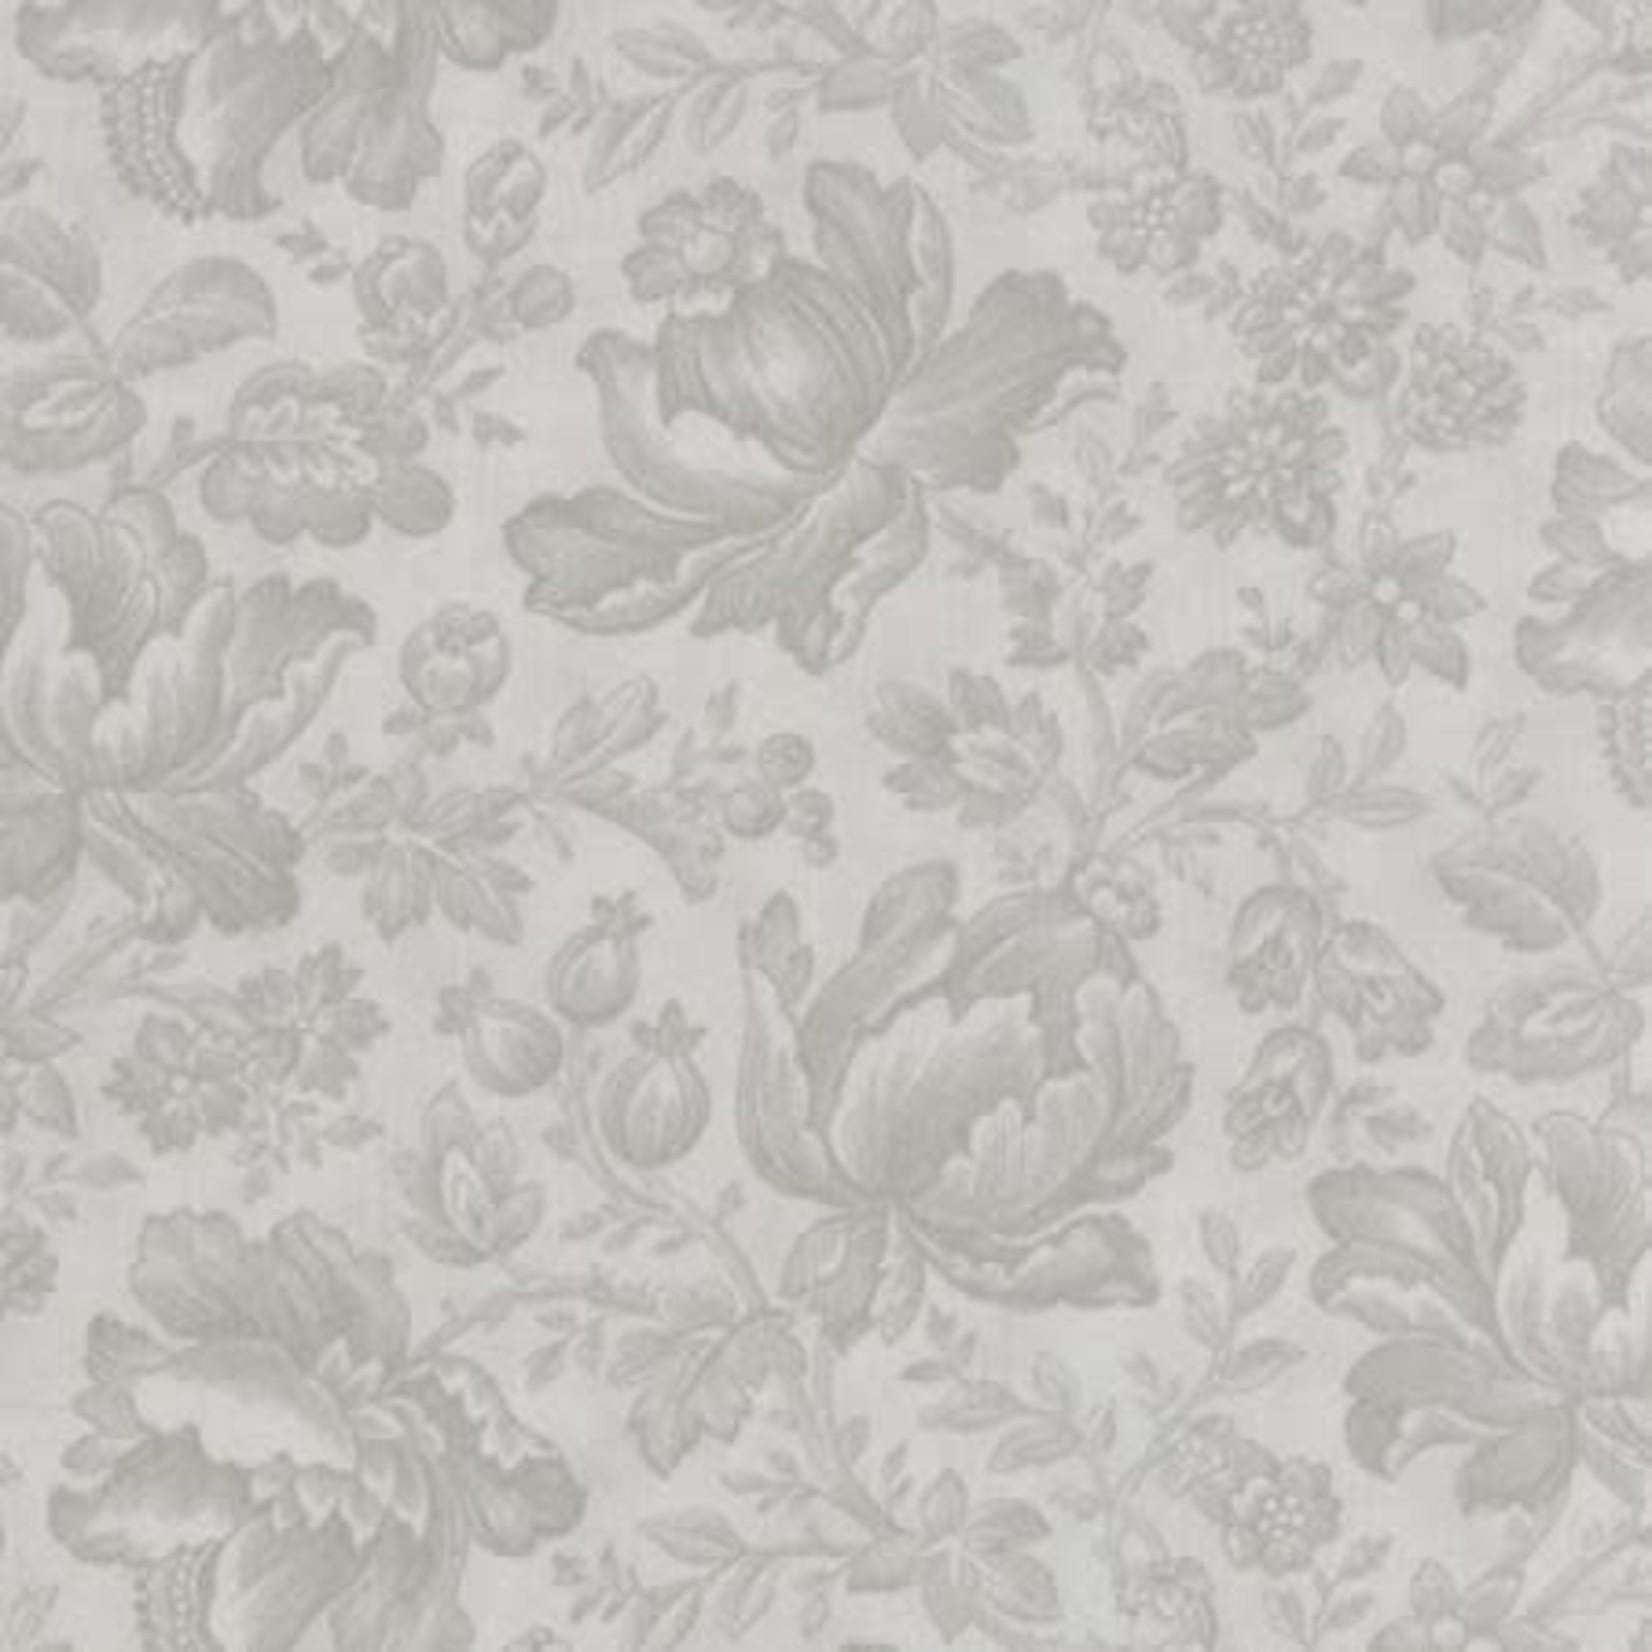 Moda Fabrics 3 Sisters - Whitewashed Cottage - Pebble